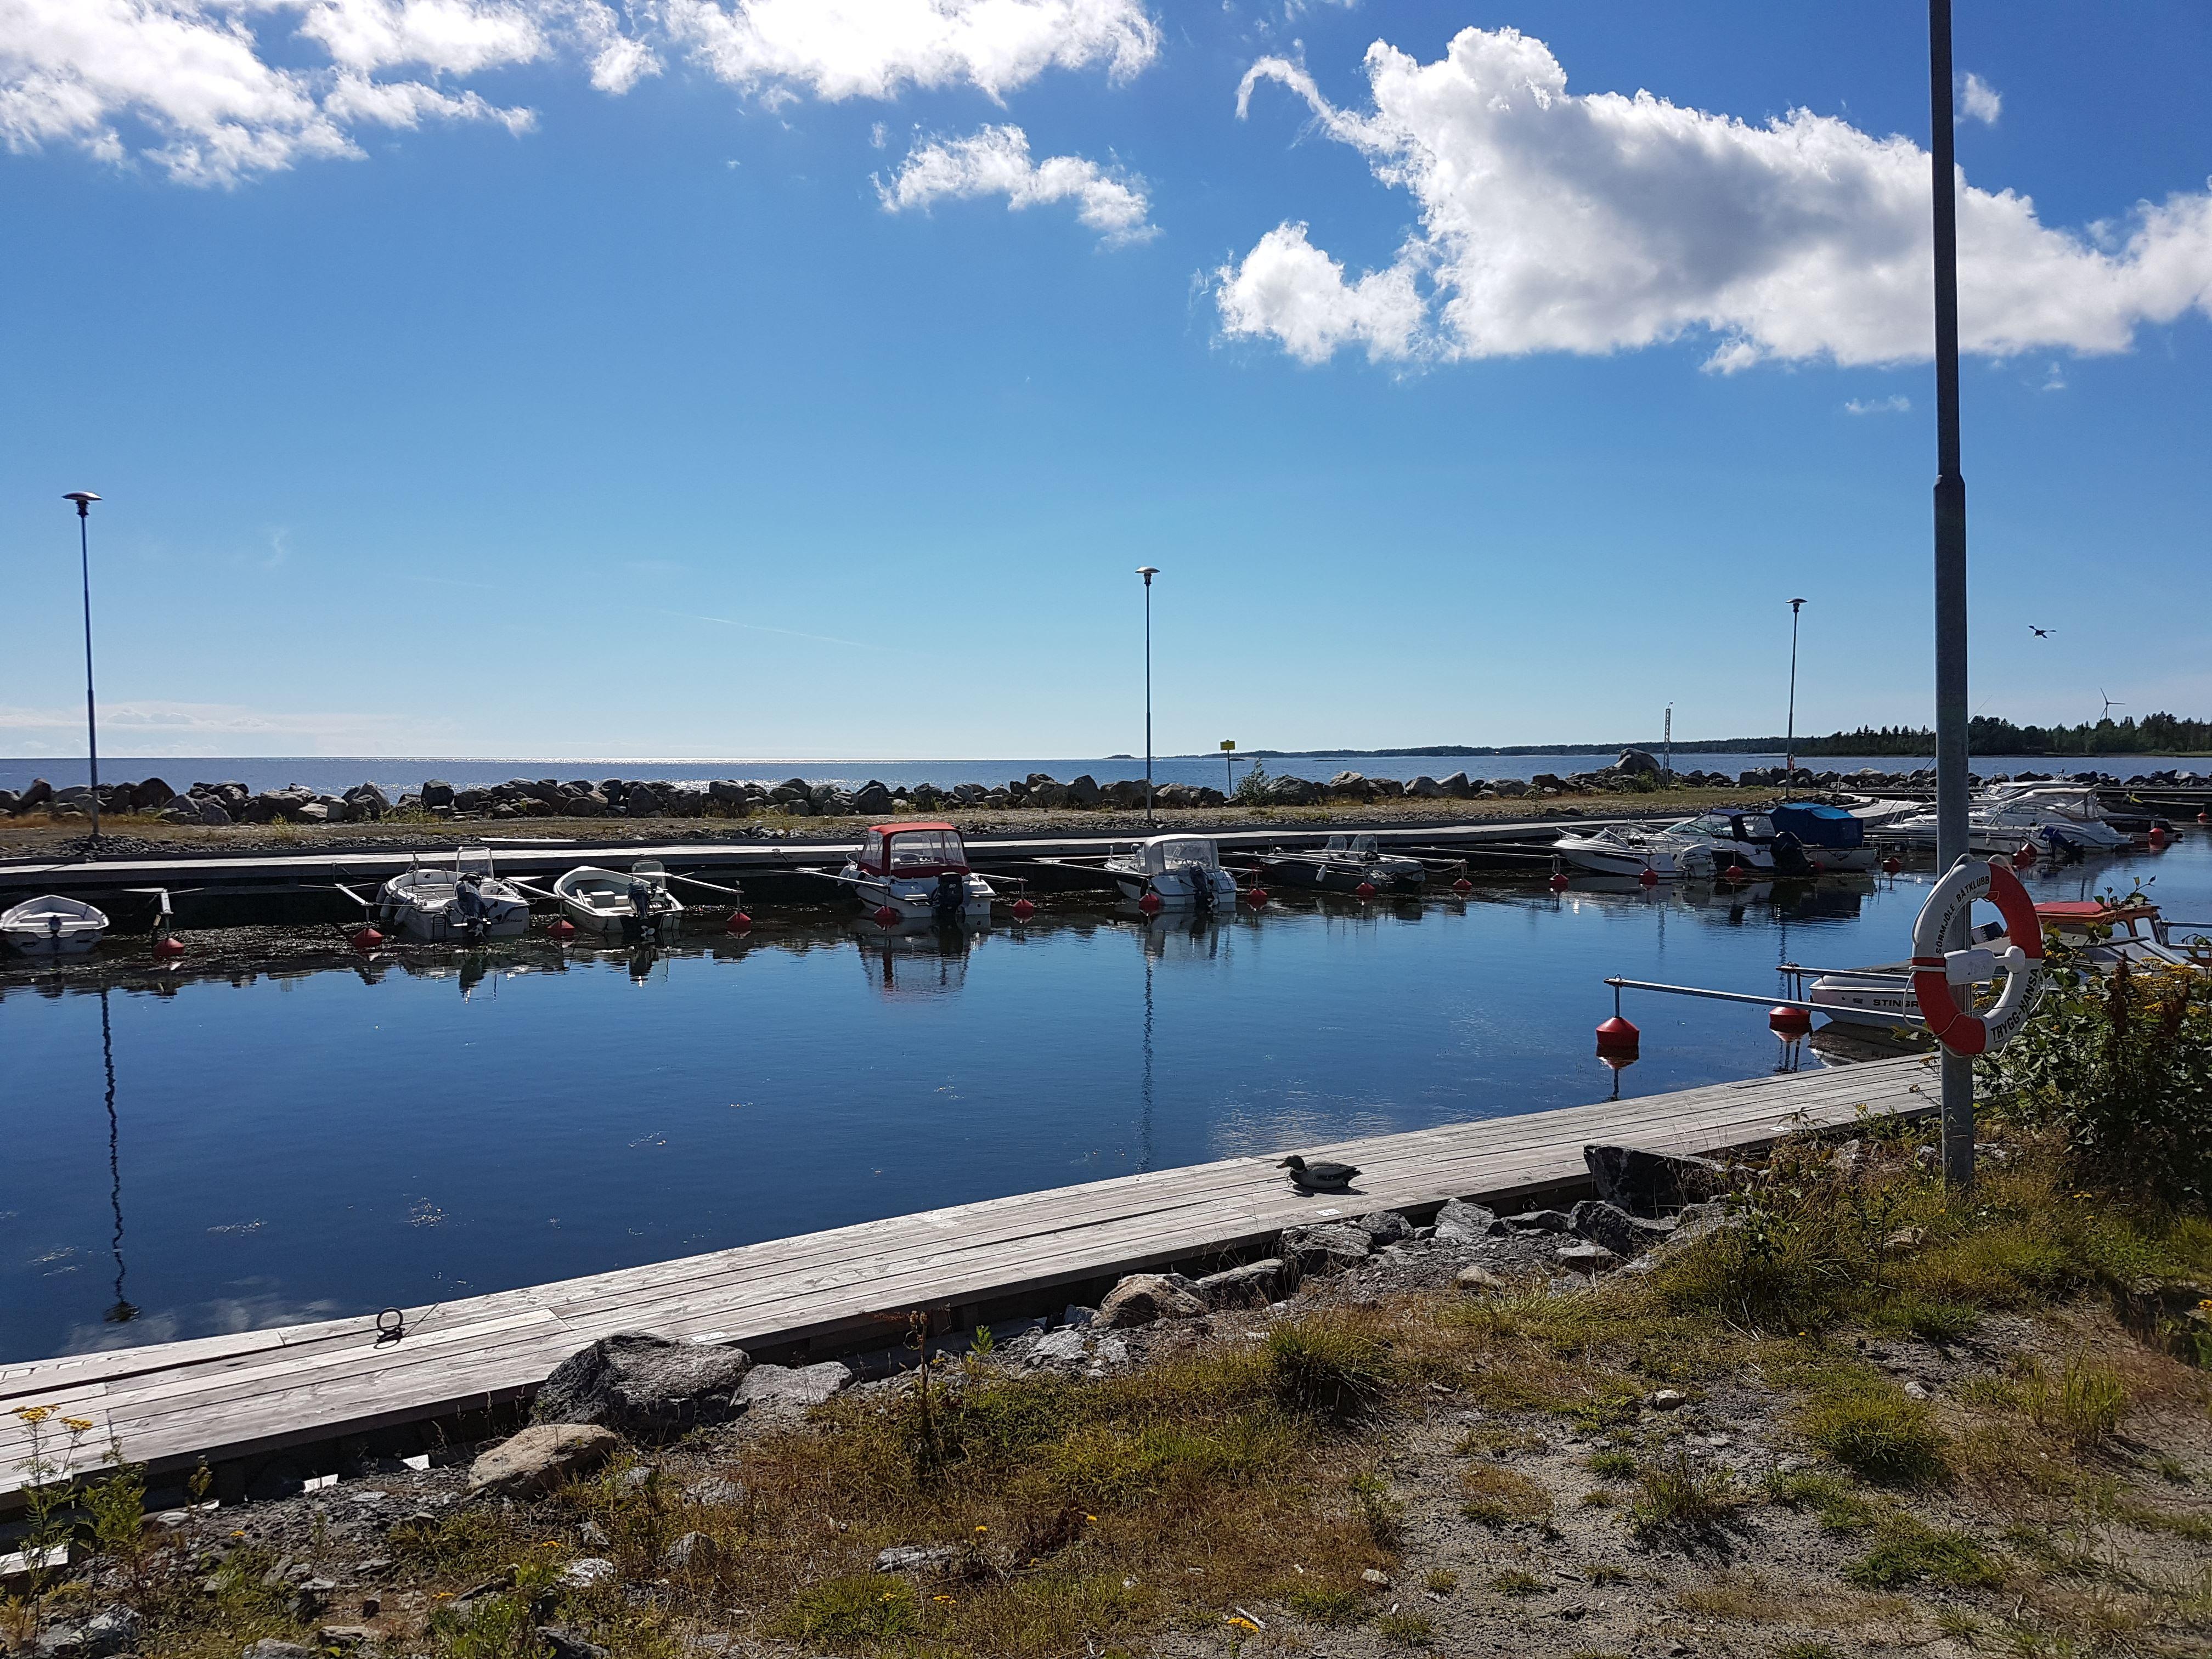 Sörmjöle Bryggcafé och båthamn